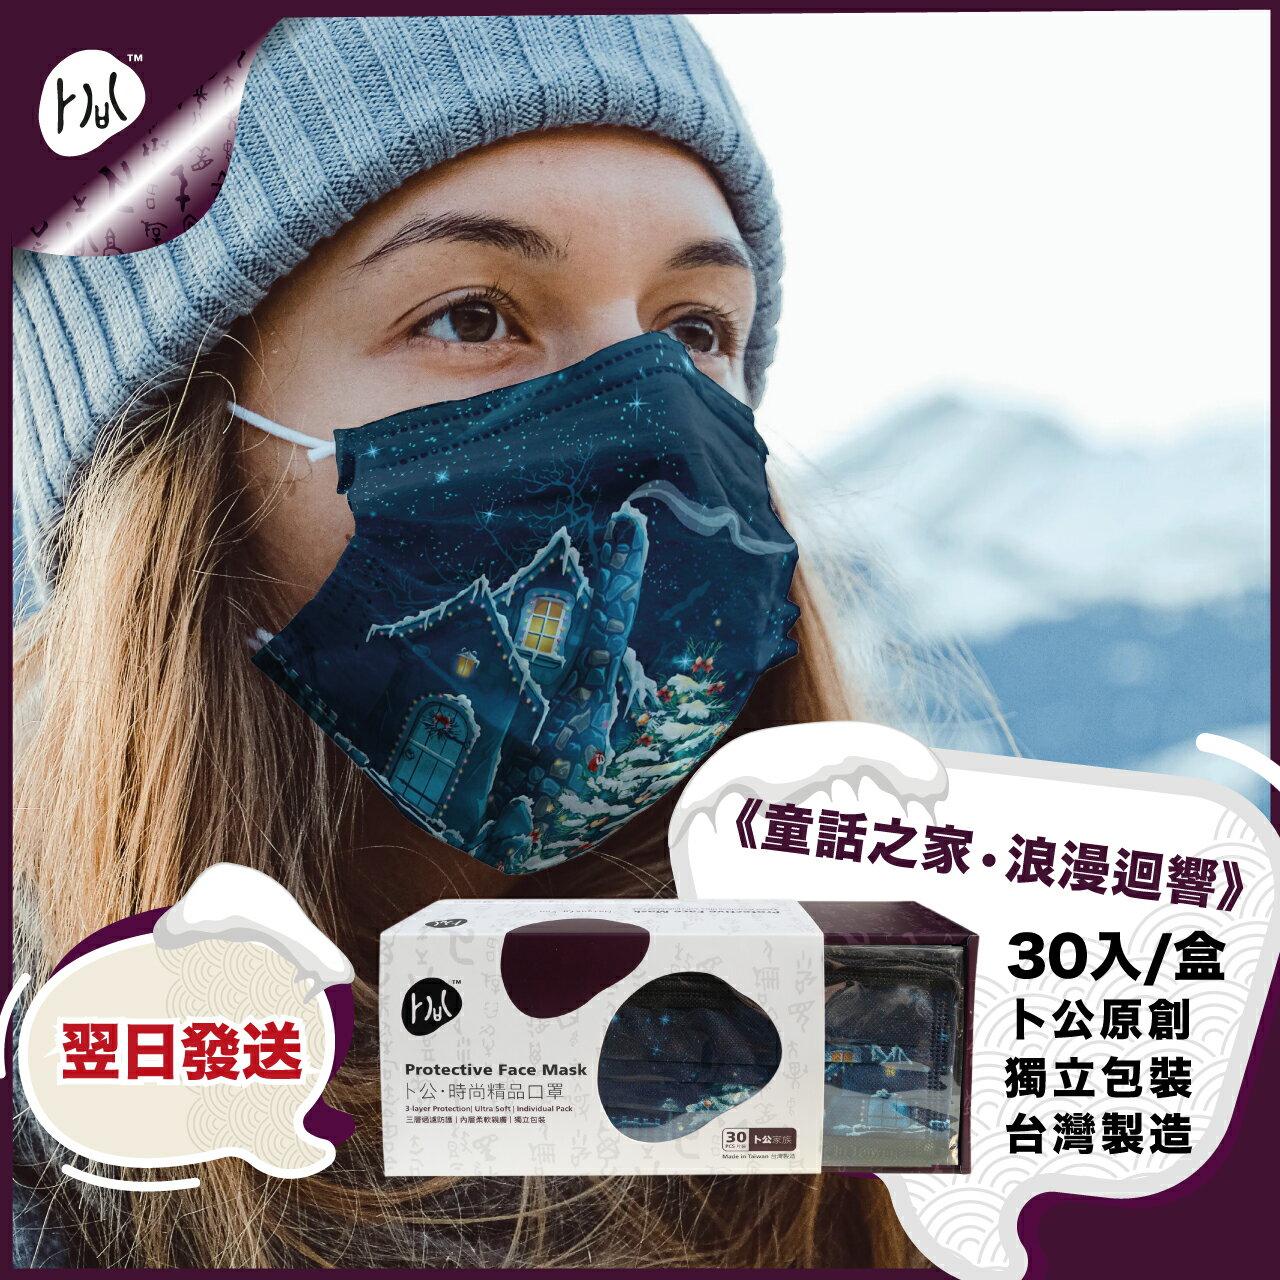 【卜公家族】《童話之家 • 浪漫回響》時尚口罩 3層防護 30片/盒 禮盒裝~ 台灣製造